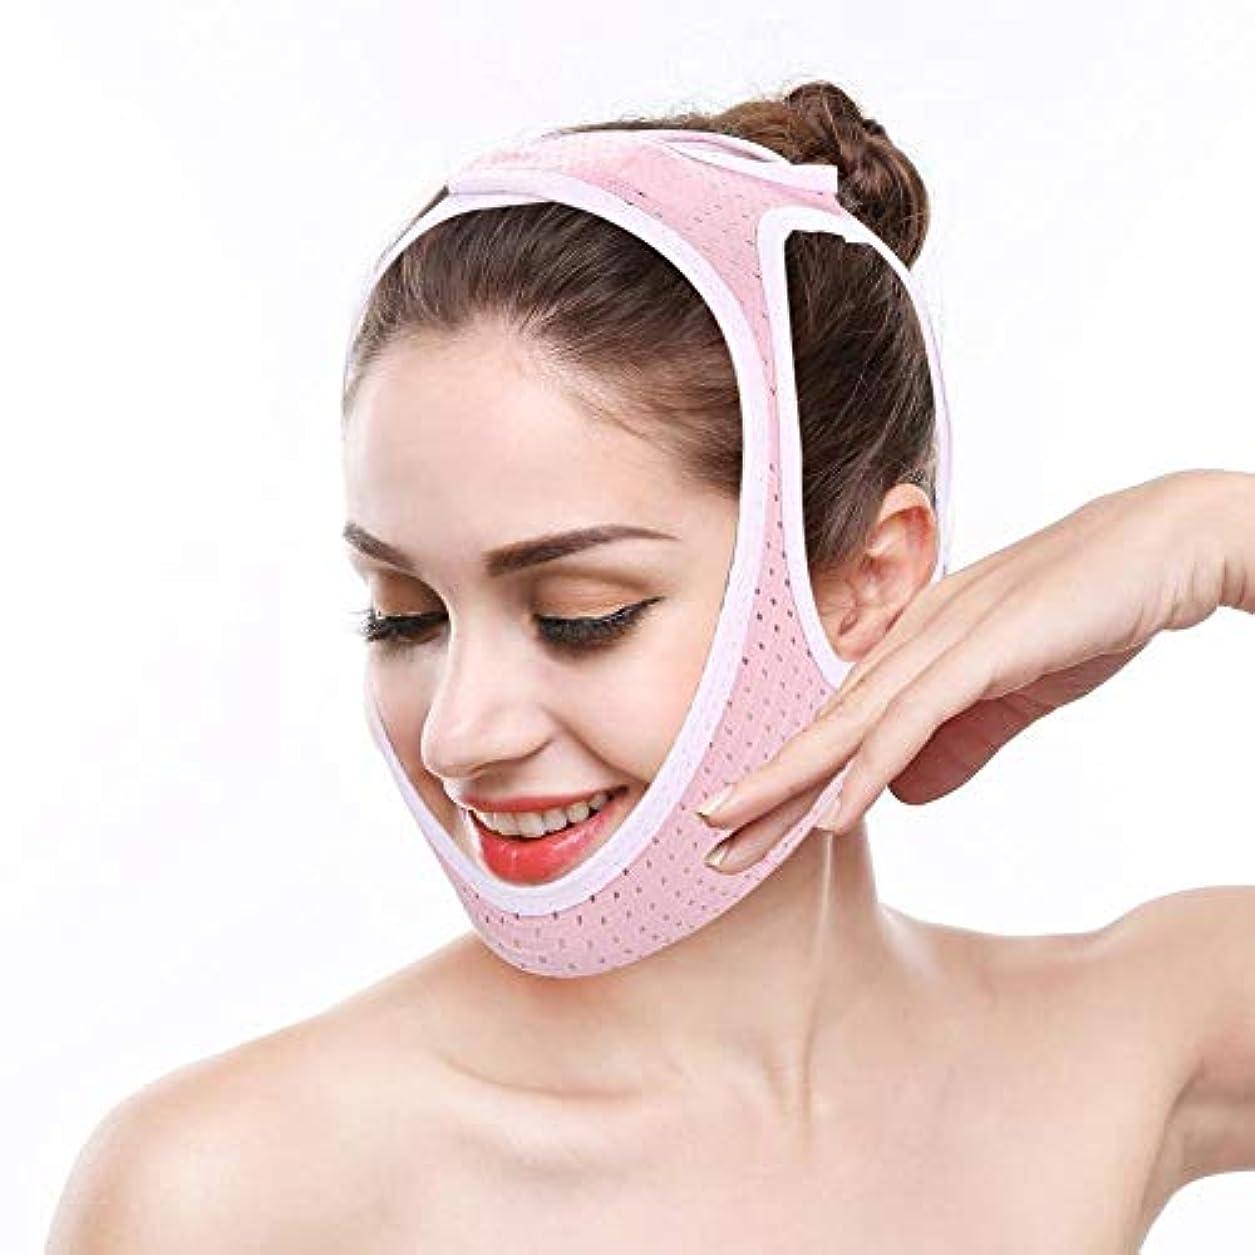 矩形動詞手段二重あごを減らすための減量用フェイスマスク、減量用フェイスマスク(L)